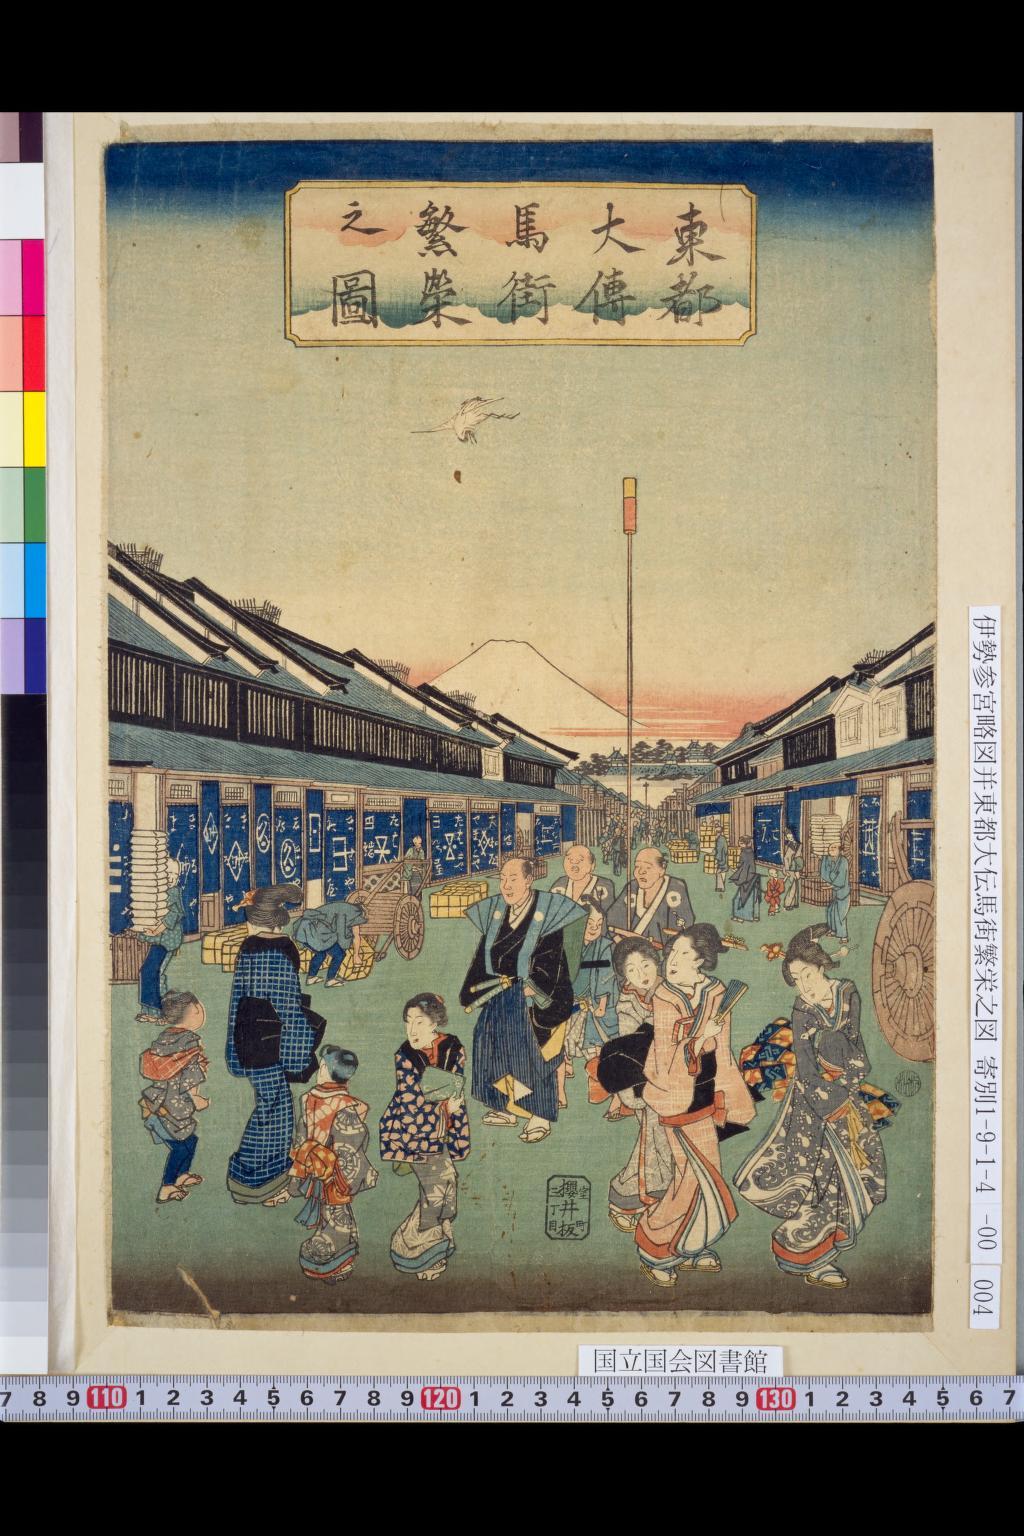 第1回大江戸町人アカデミーのテーマは「べったら市の町、旧大伝馬町の伝統」_d0058440_7135499.jpg